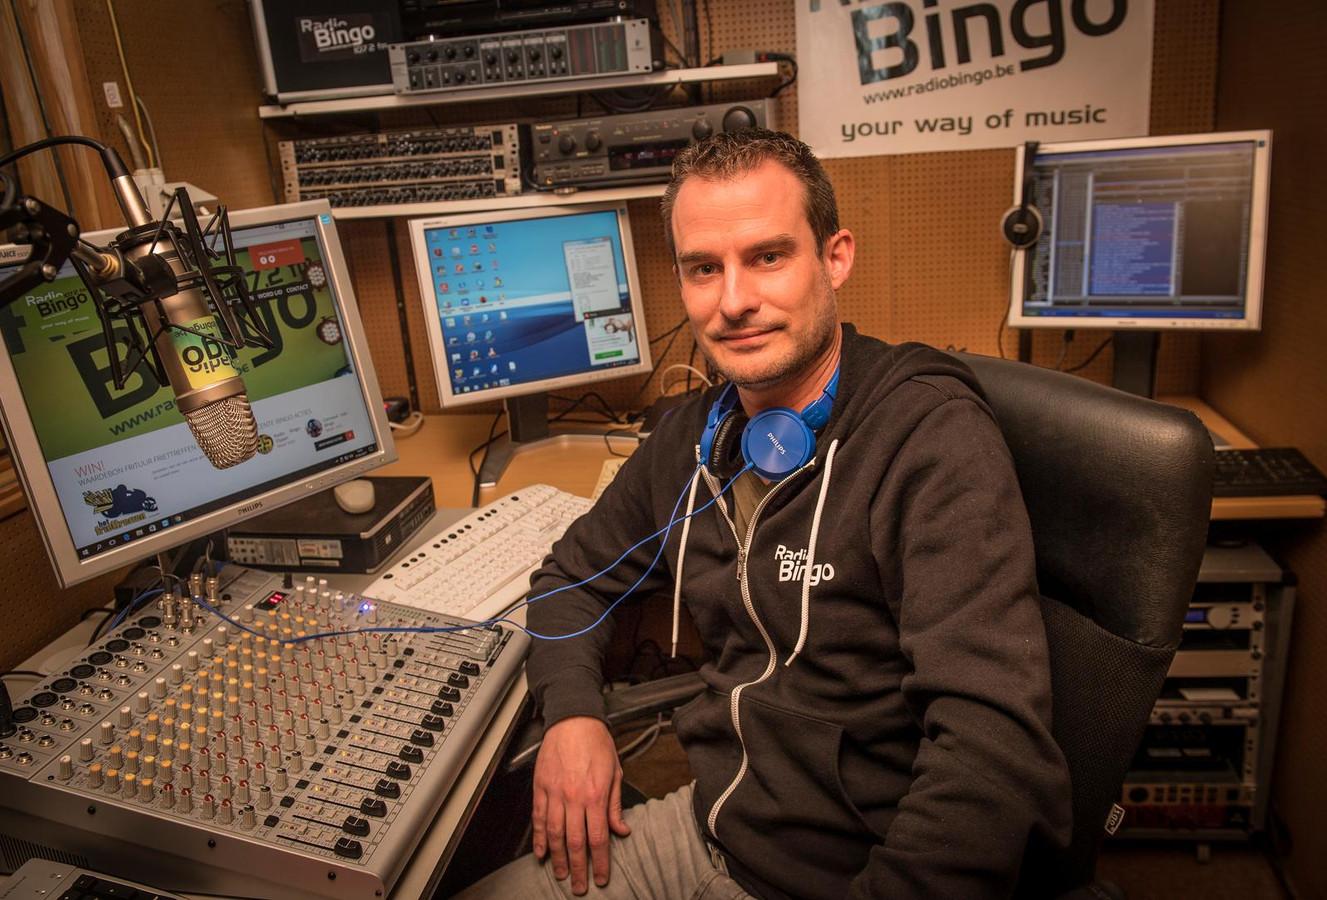 Andy Degryse en z'n collega's van Radio Bingo zijn live aan het werk te zien tijdens de Jaarbeurs.